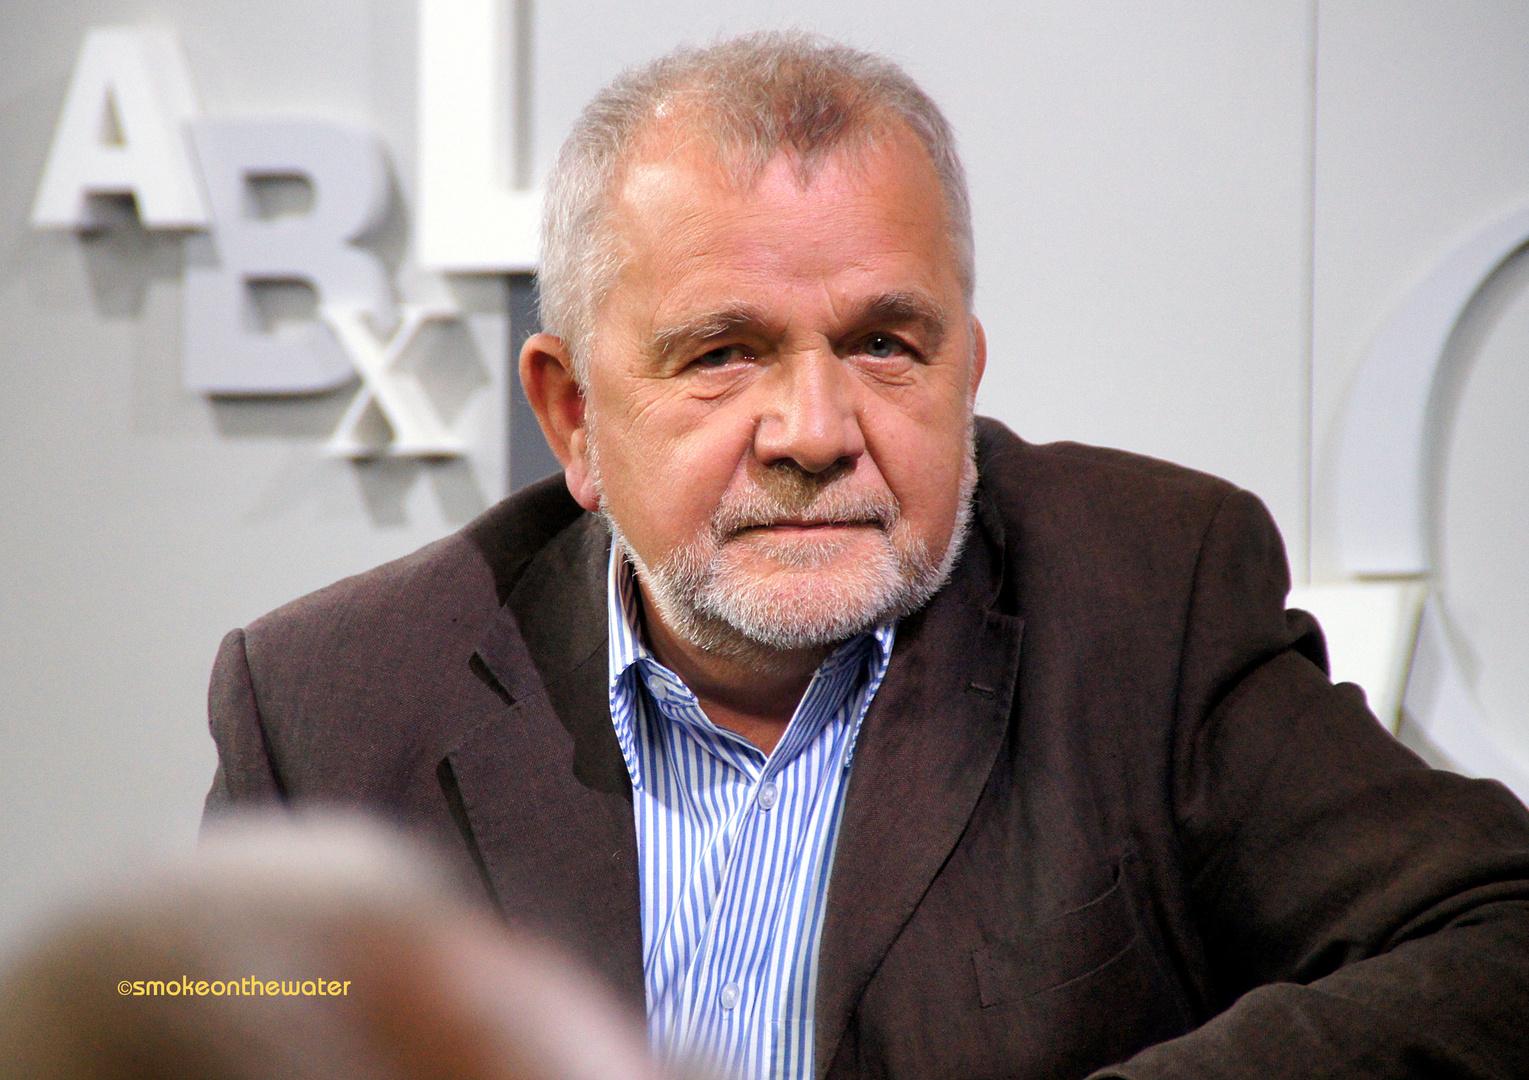 Der Philosoph Rüdiger Safranski